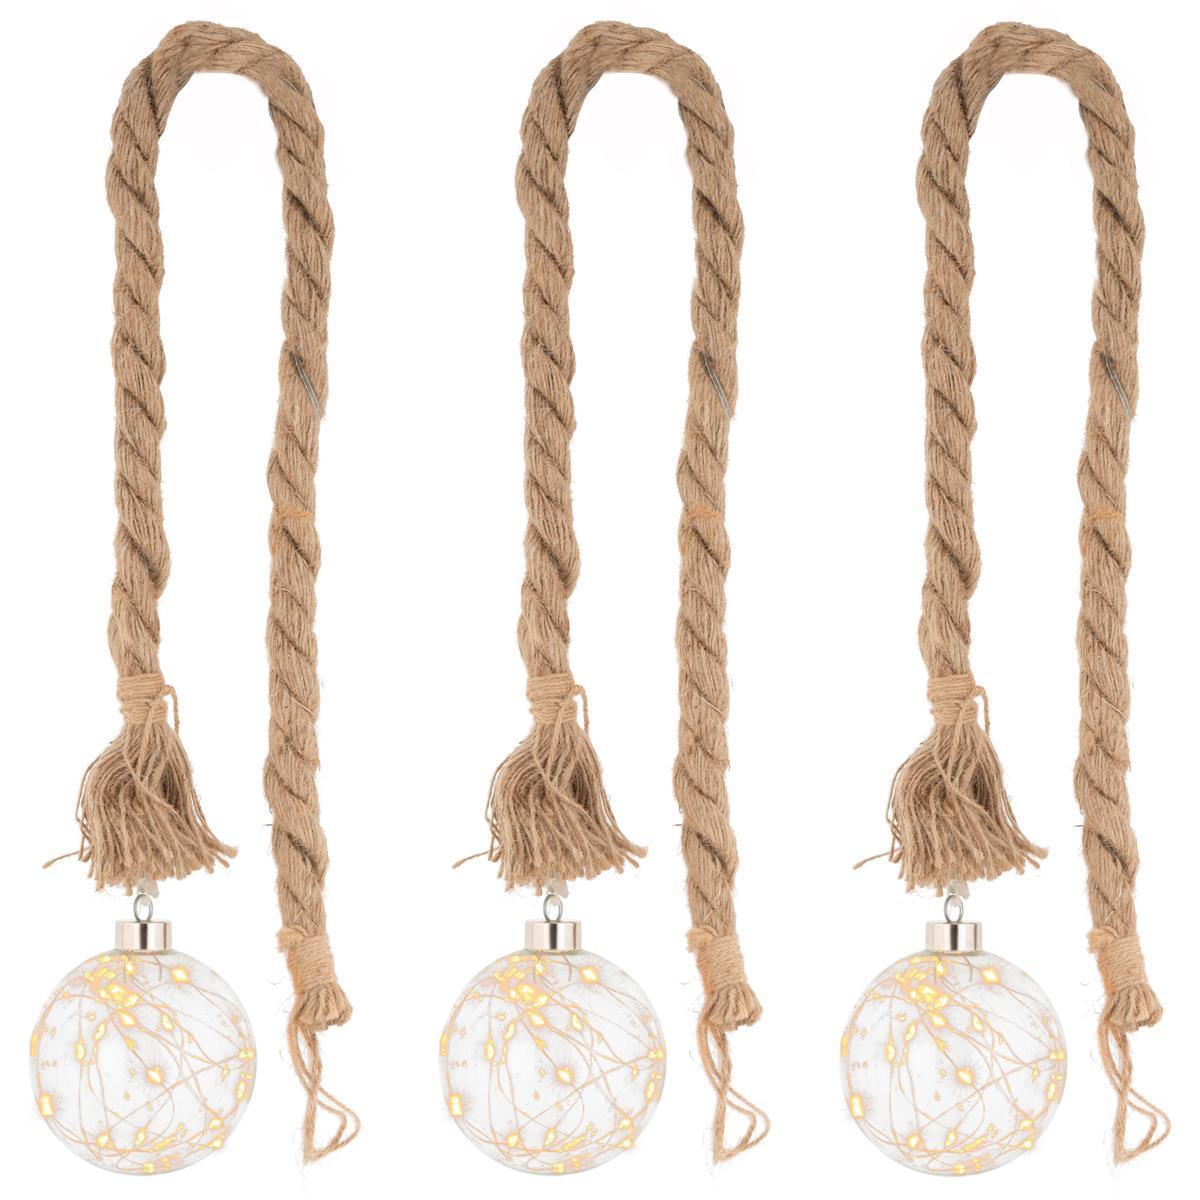 3er Set LED Dekoleuchte Kugel am Seil 20 LED warm weiß Batterie Timer Xmas